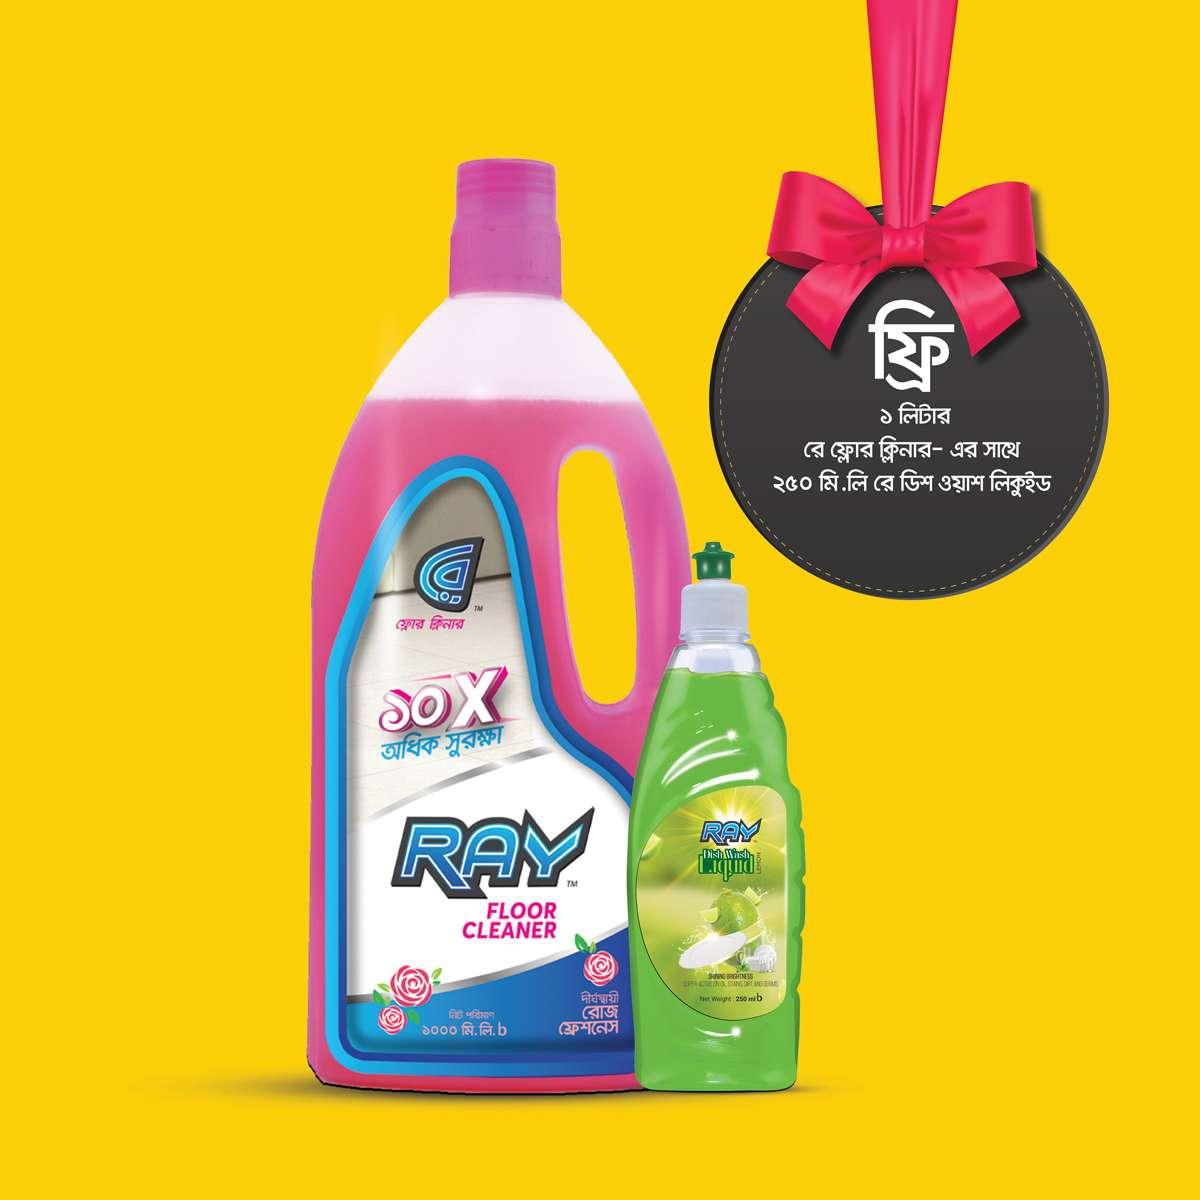 Buy Floor Cleaner 1 Liter & Get Dish Wash 250 ml